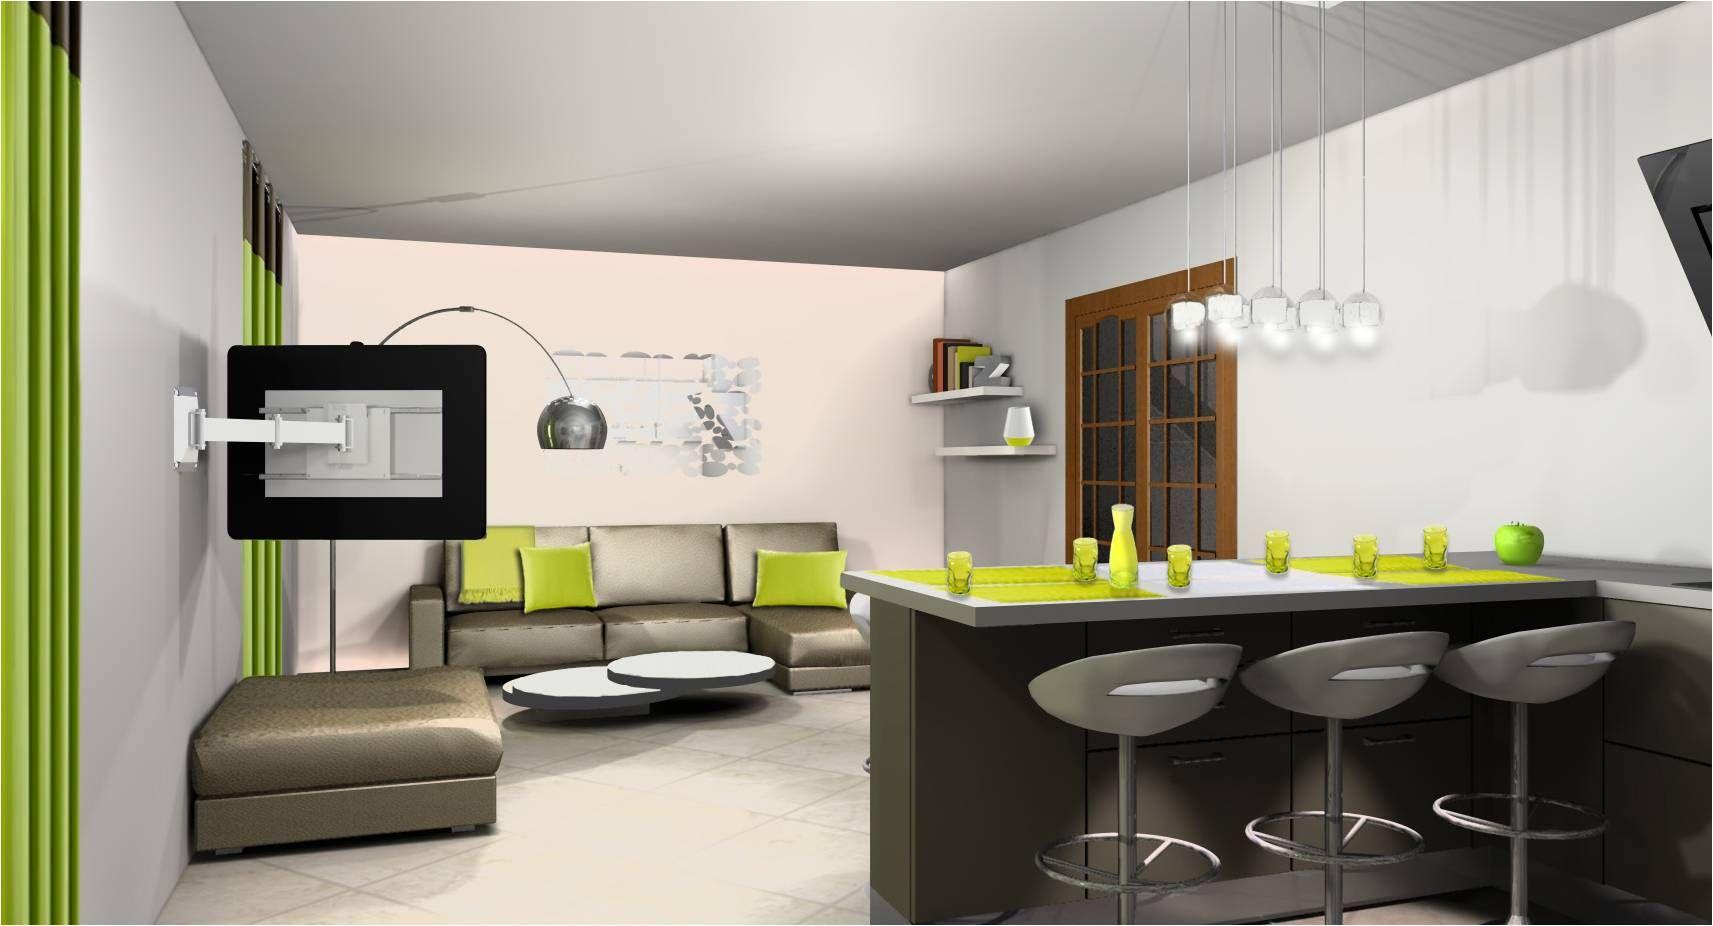 Deco salon cuisine ouverte 200m20 (avec images)  Idee deco petit